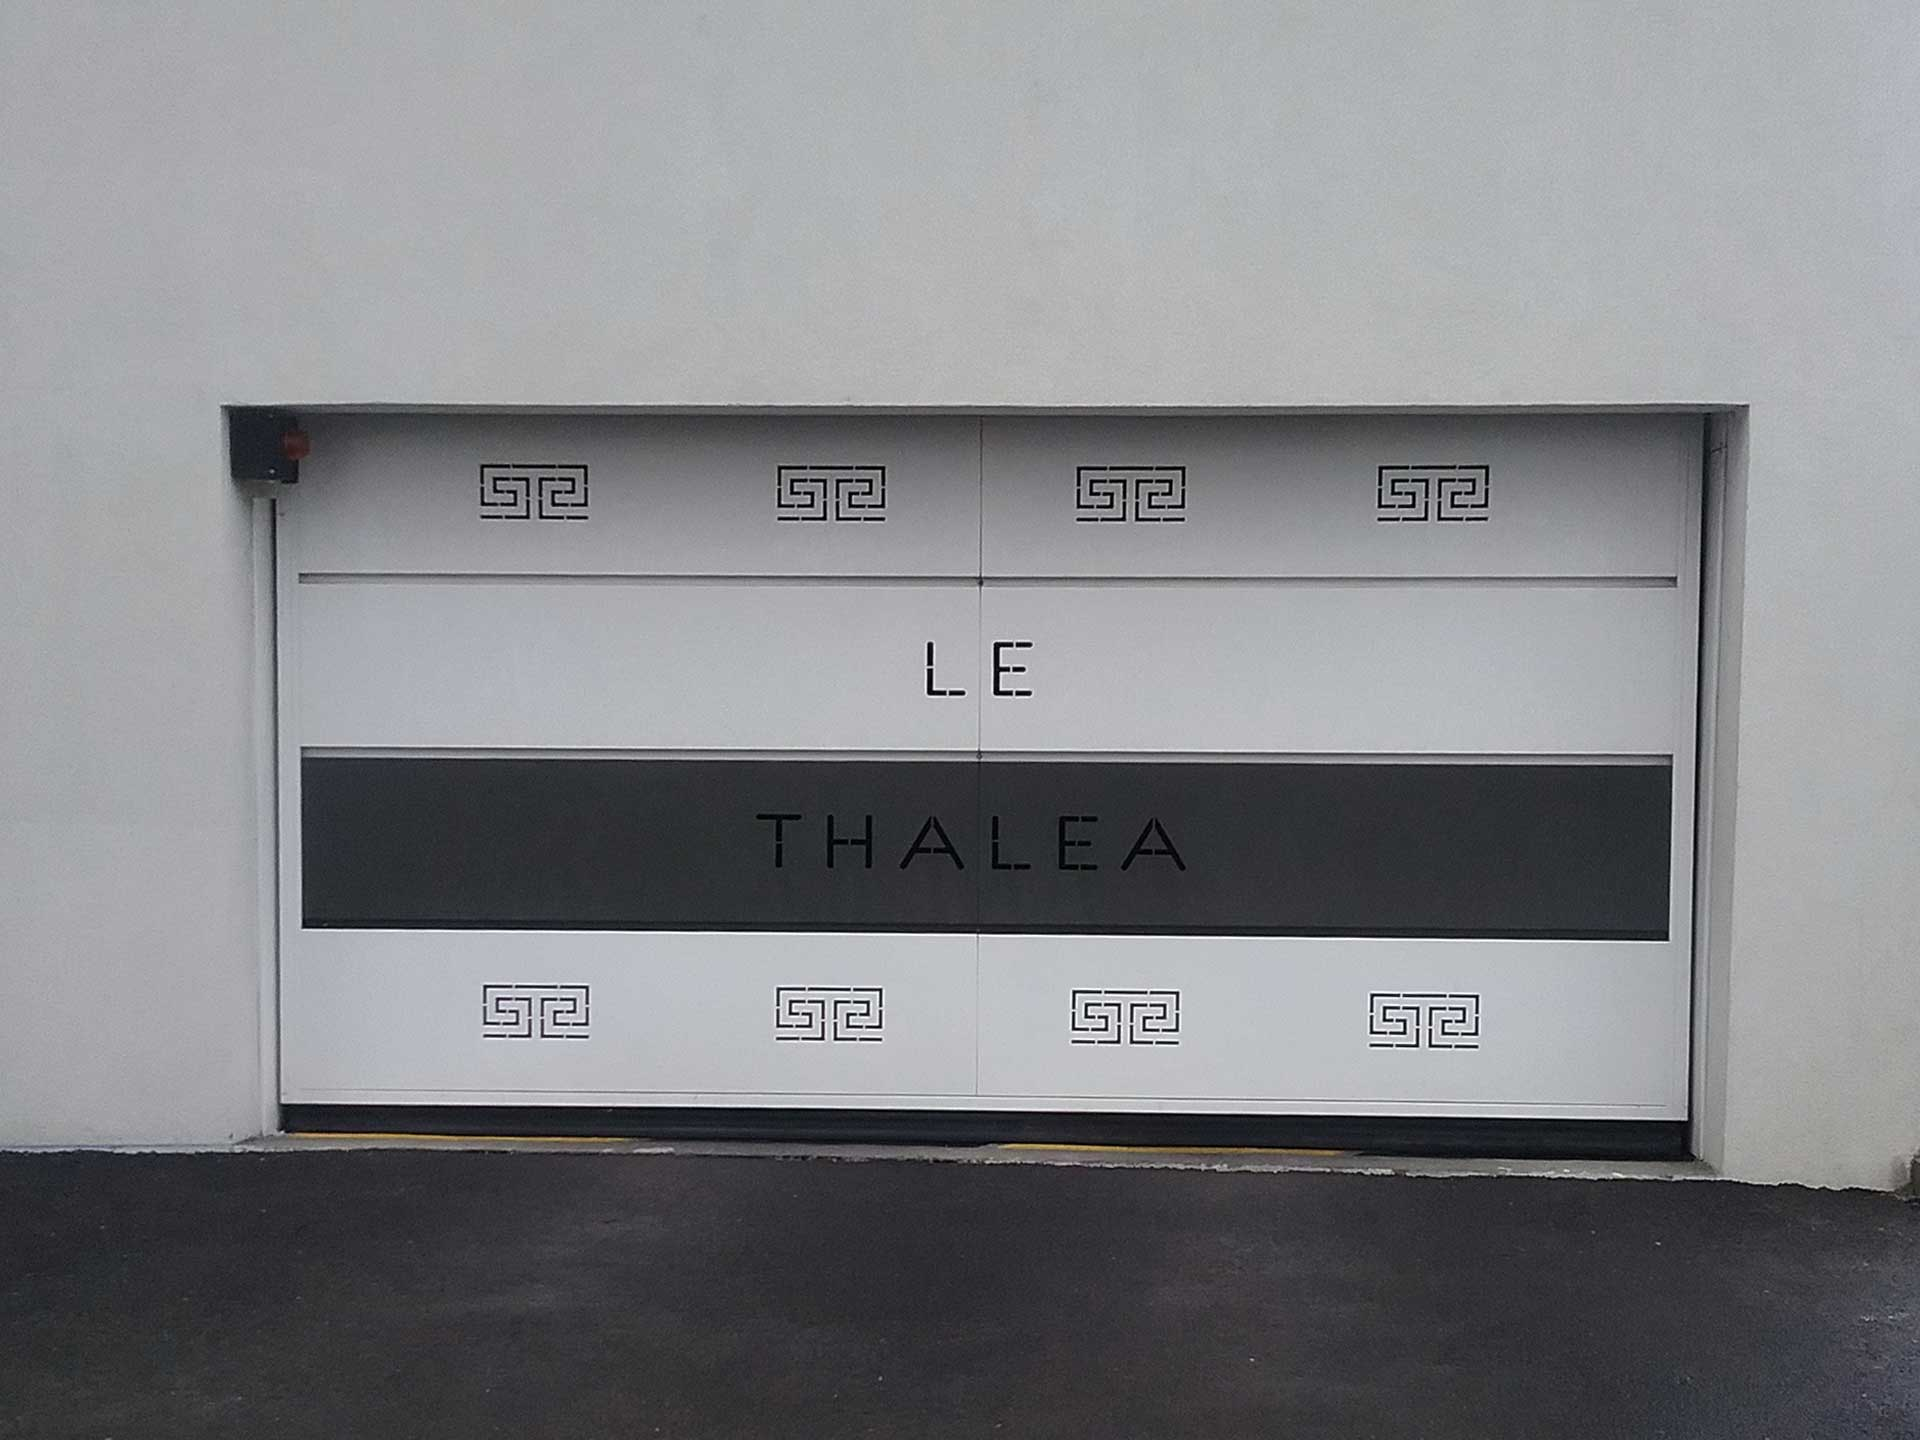 Vente de porte de garage basculante avec Sim Fermetures à Nîmes